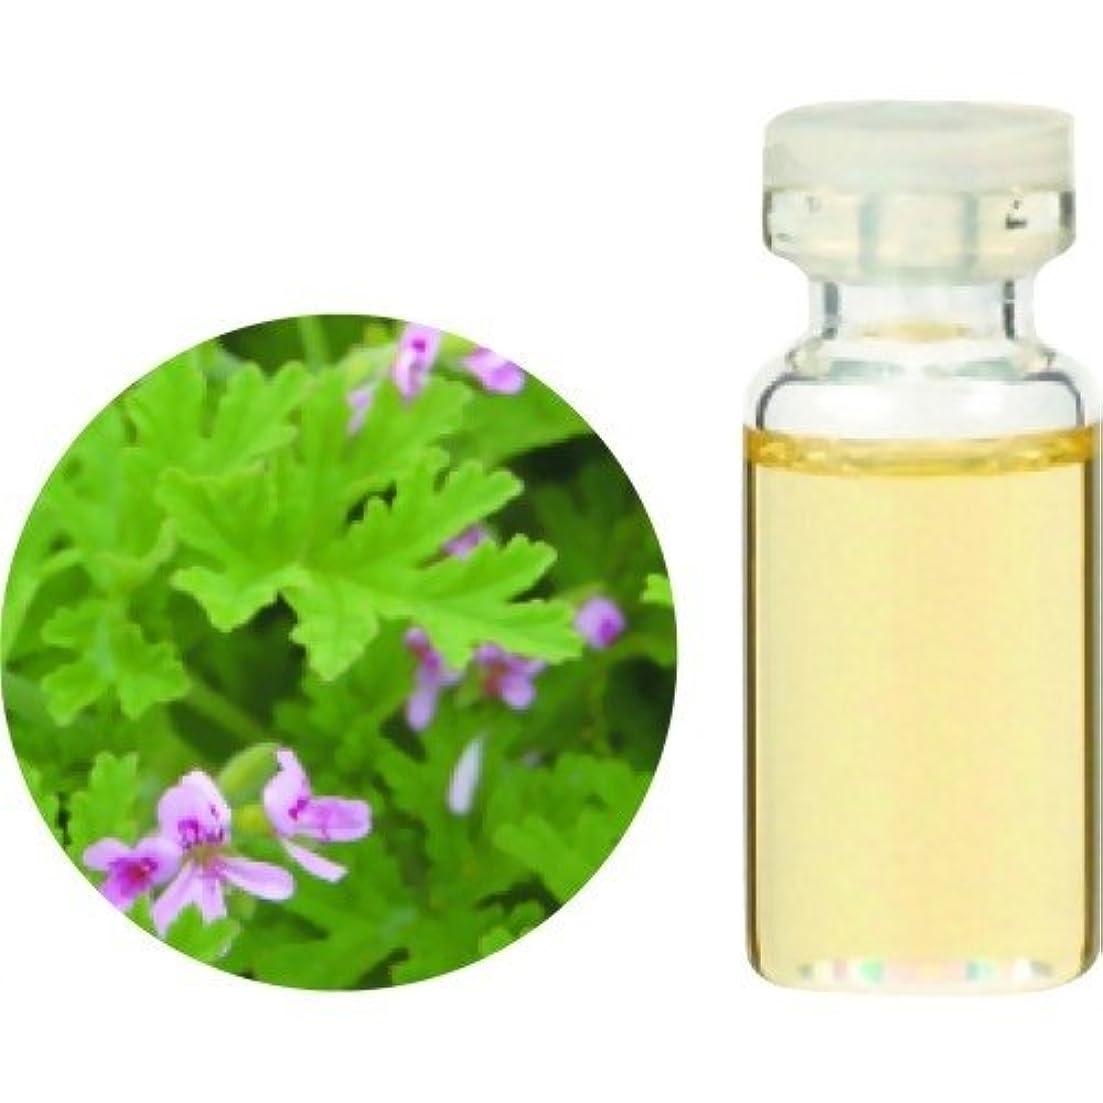 ますます小説用量生活の木 Herbal Life Organic ゼラニウム 10ml